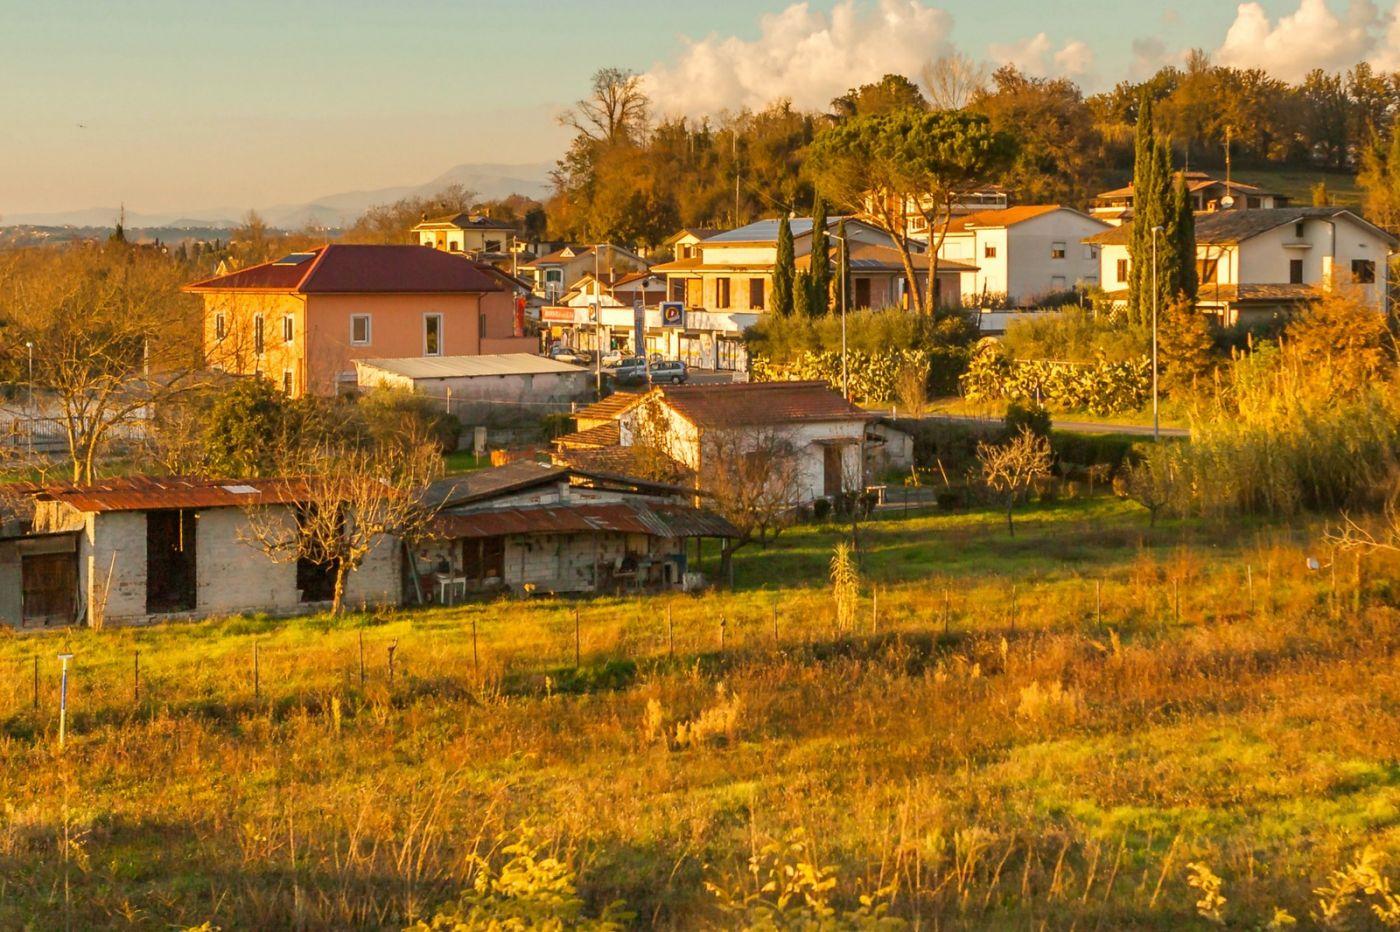 意大利路途,黄昏时的乡村_图1-24